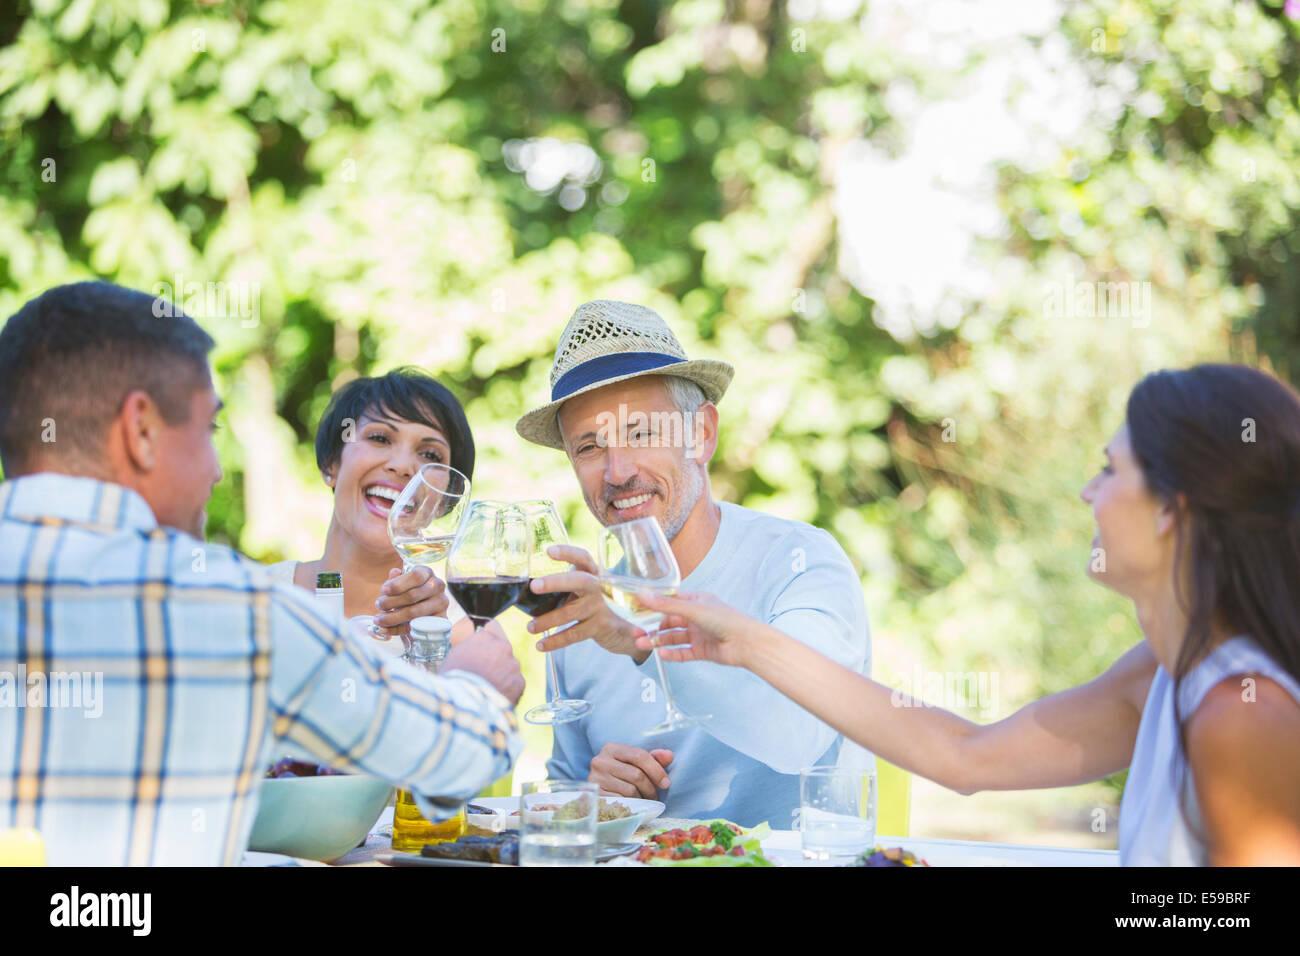 Amici tostare ogni altro a tavola all'aperto Immagini Stock